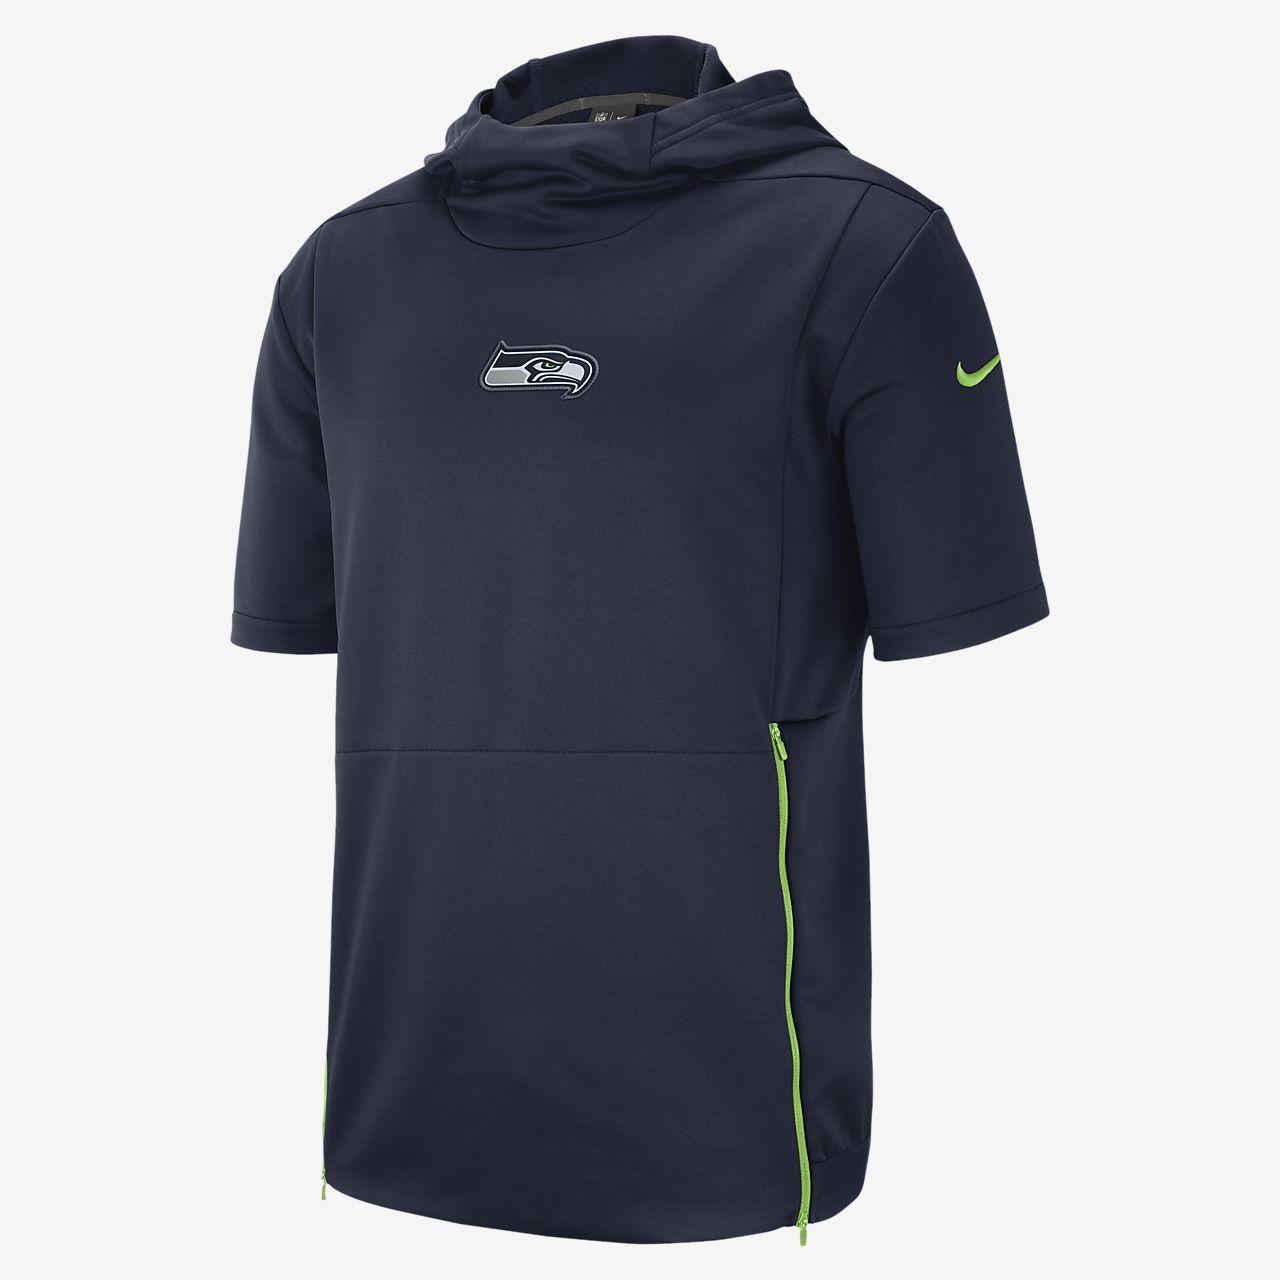 Nike Dri-FIT Therma (NFL Seahawks) Kurzarm-Oberteil mit Kapuze für Herren